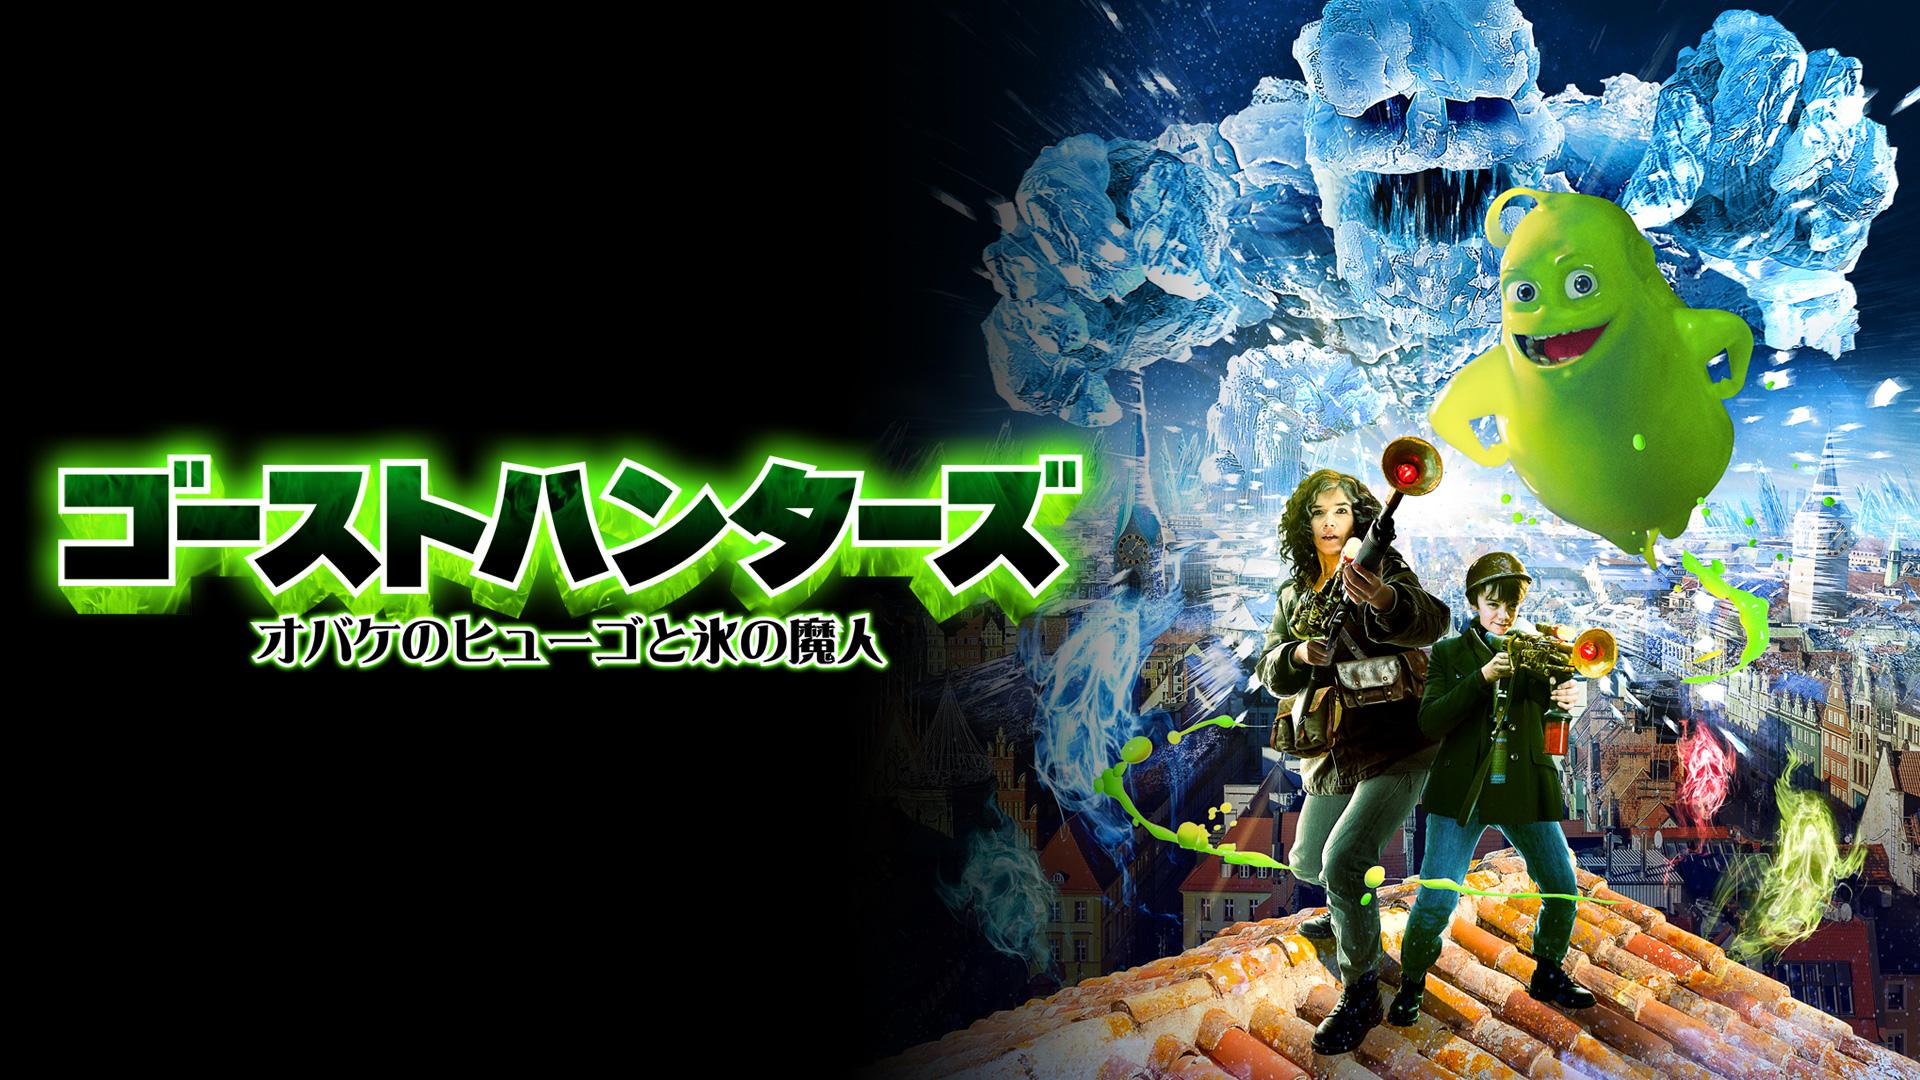 ゴーストハンターズ オバケのヒューゴと氷の魔人(字幕版)